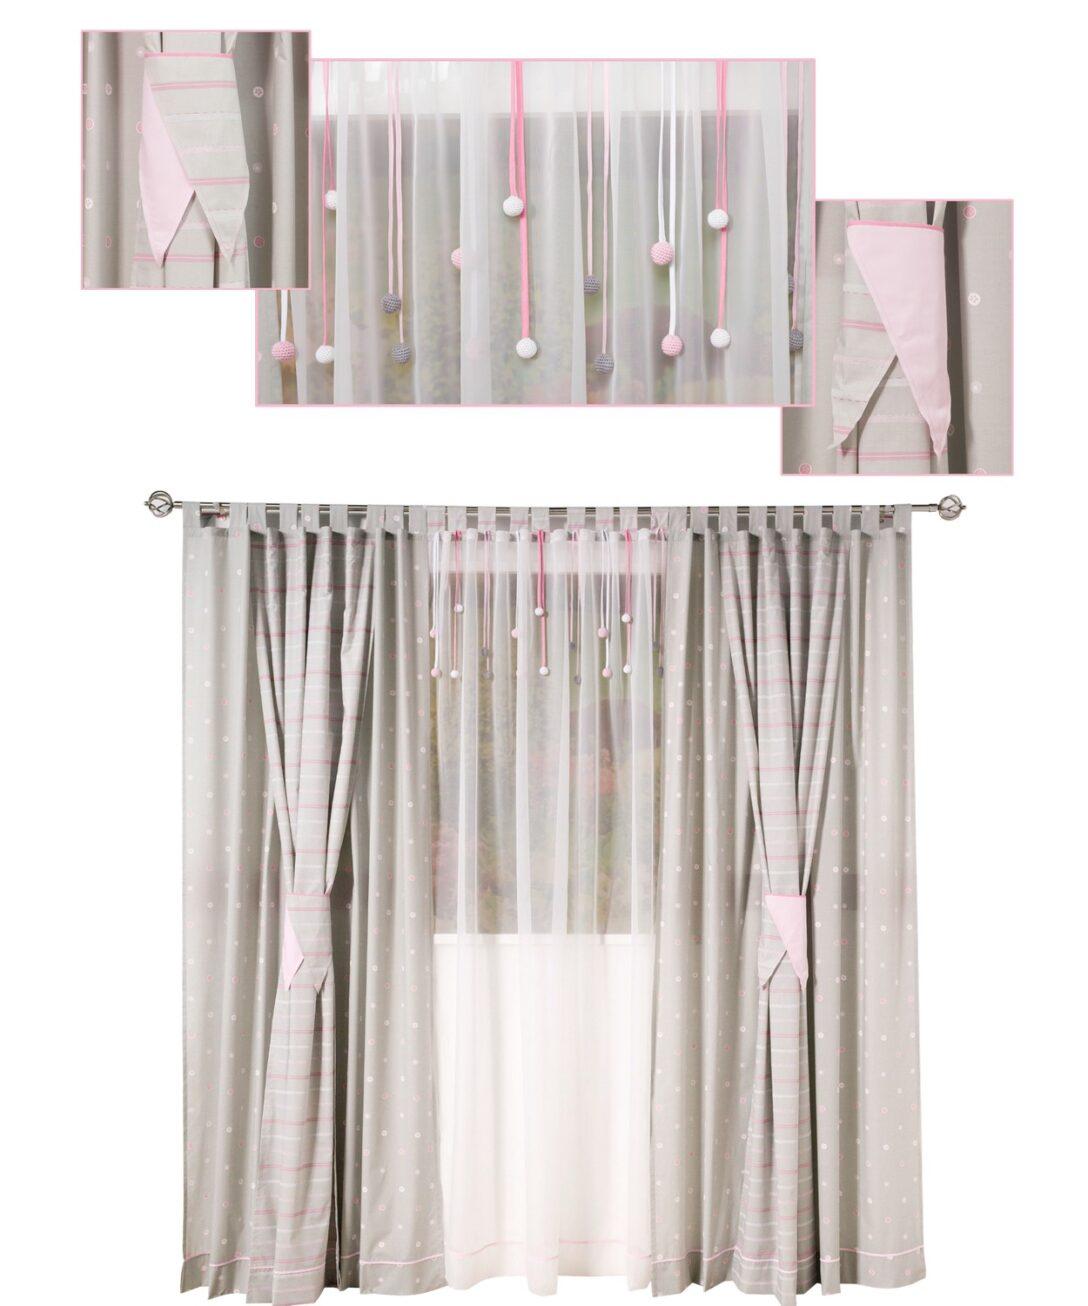 Large Size of Vorhänge 3 Dekohnger In Verschiedenen Farben Fr Ihre Gardinenstange Schlafzimmer Wohnzimmer Küche Wohnzimmer Vorhänge